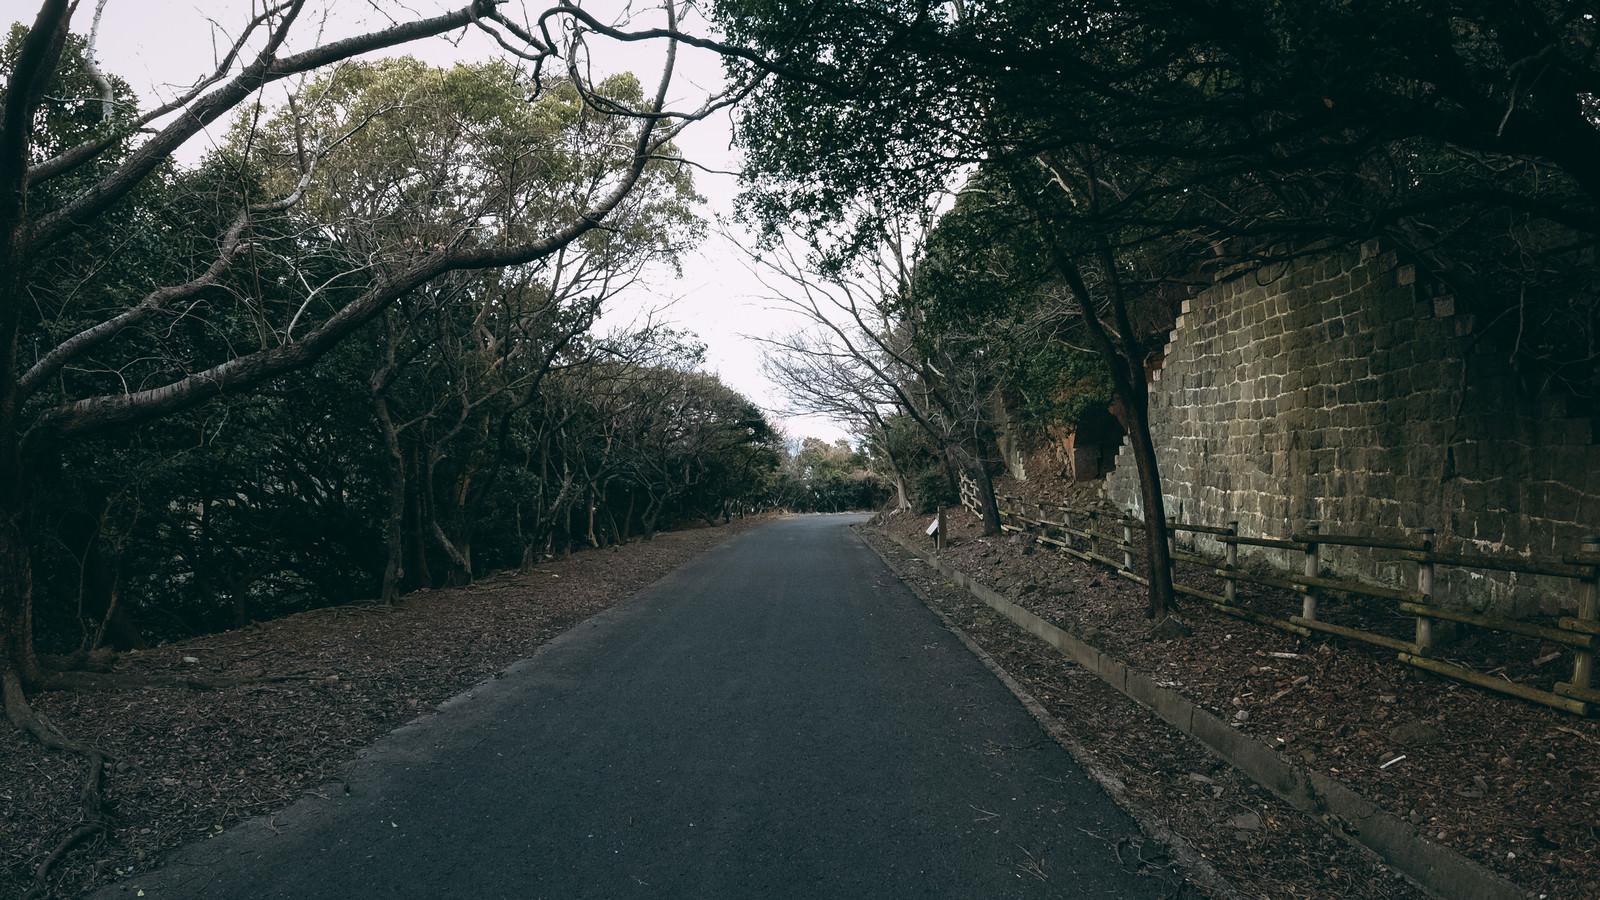 「林道と塀に挟まれたアスファルトの道」の写真